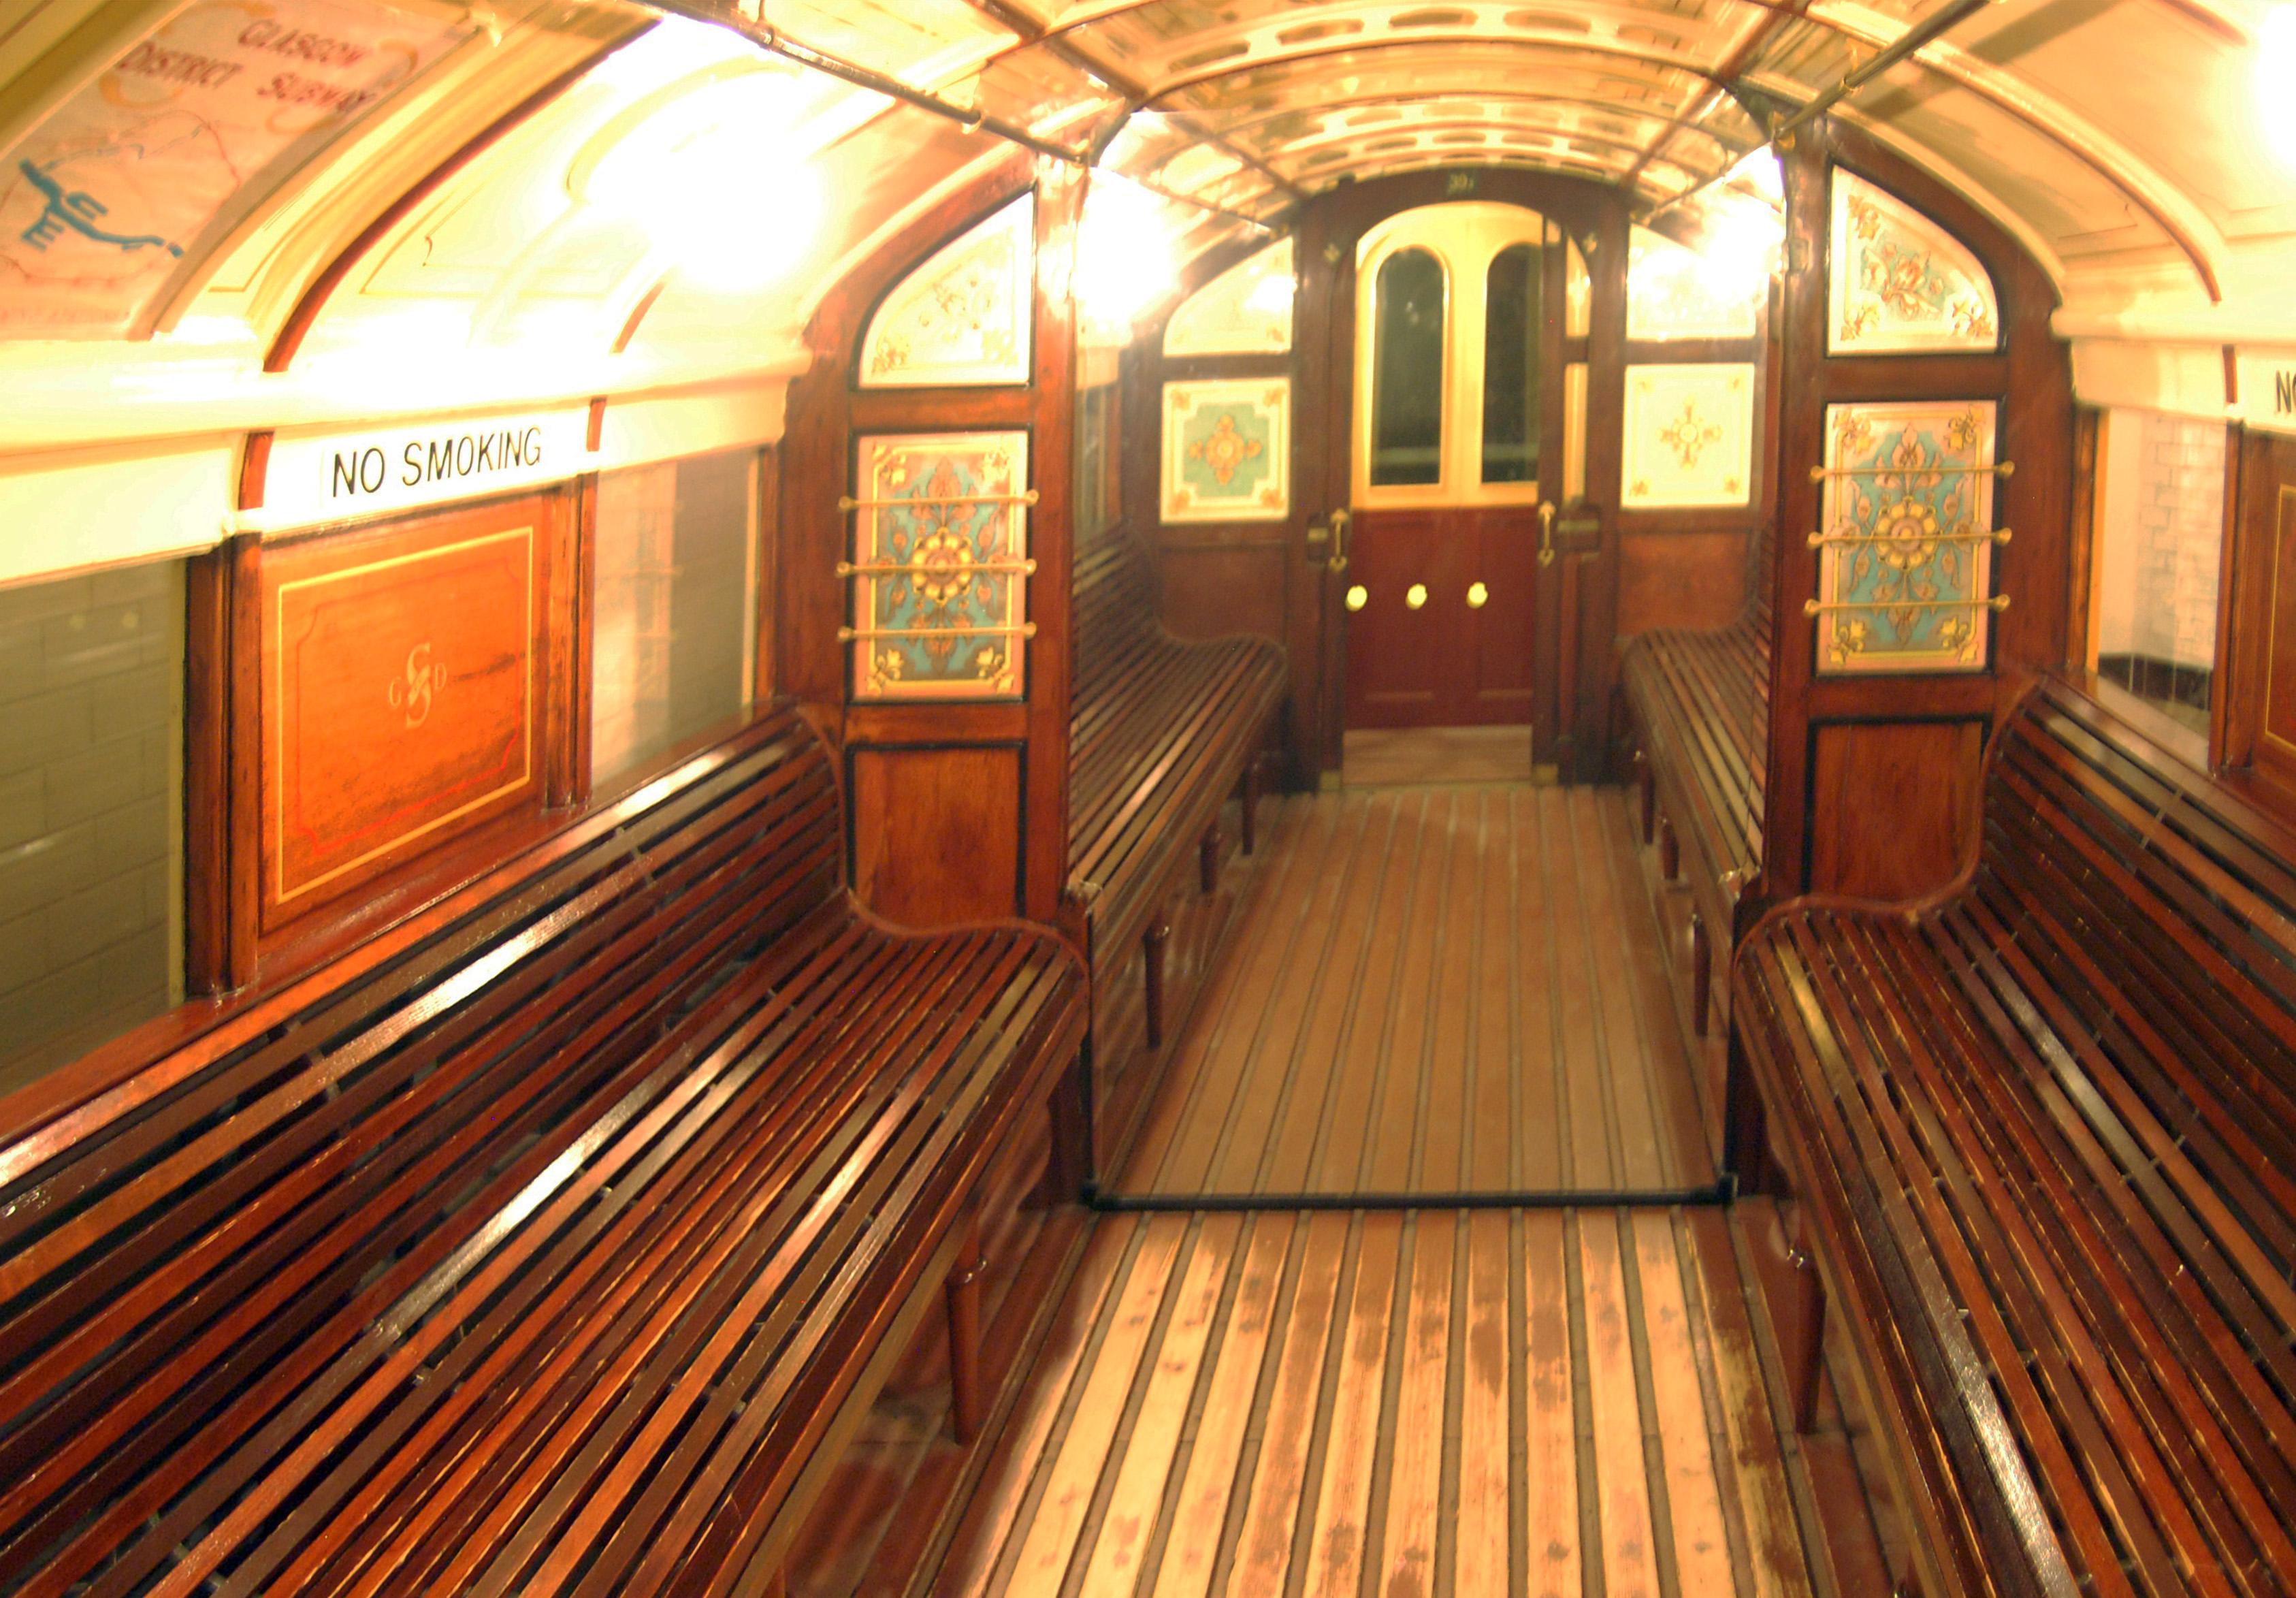 Glasgow Subway Thinkvisual S Blog